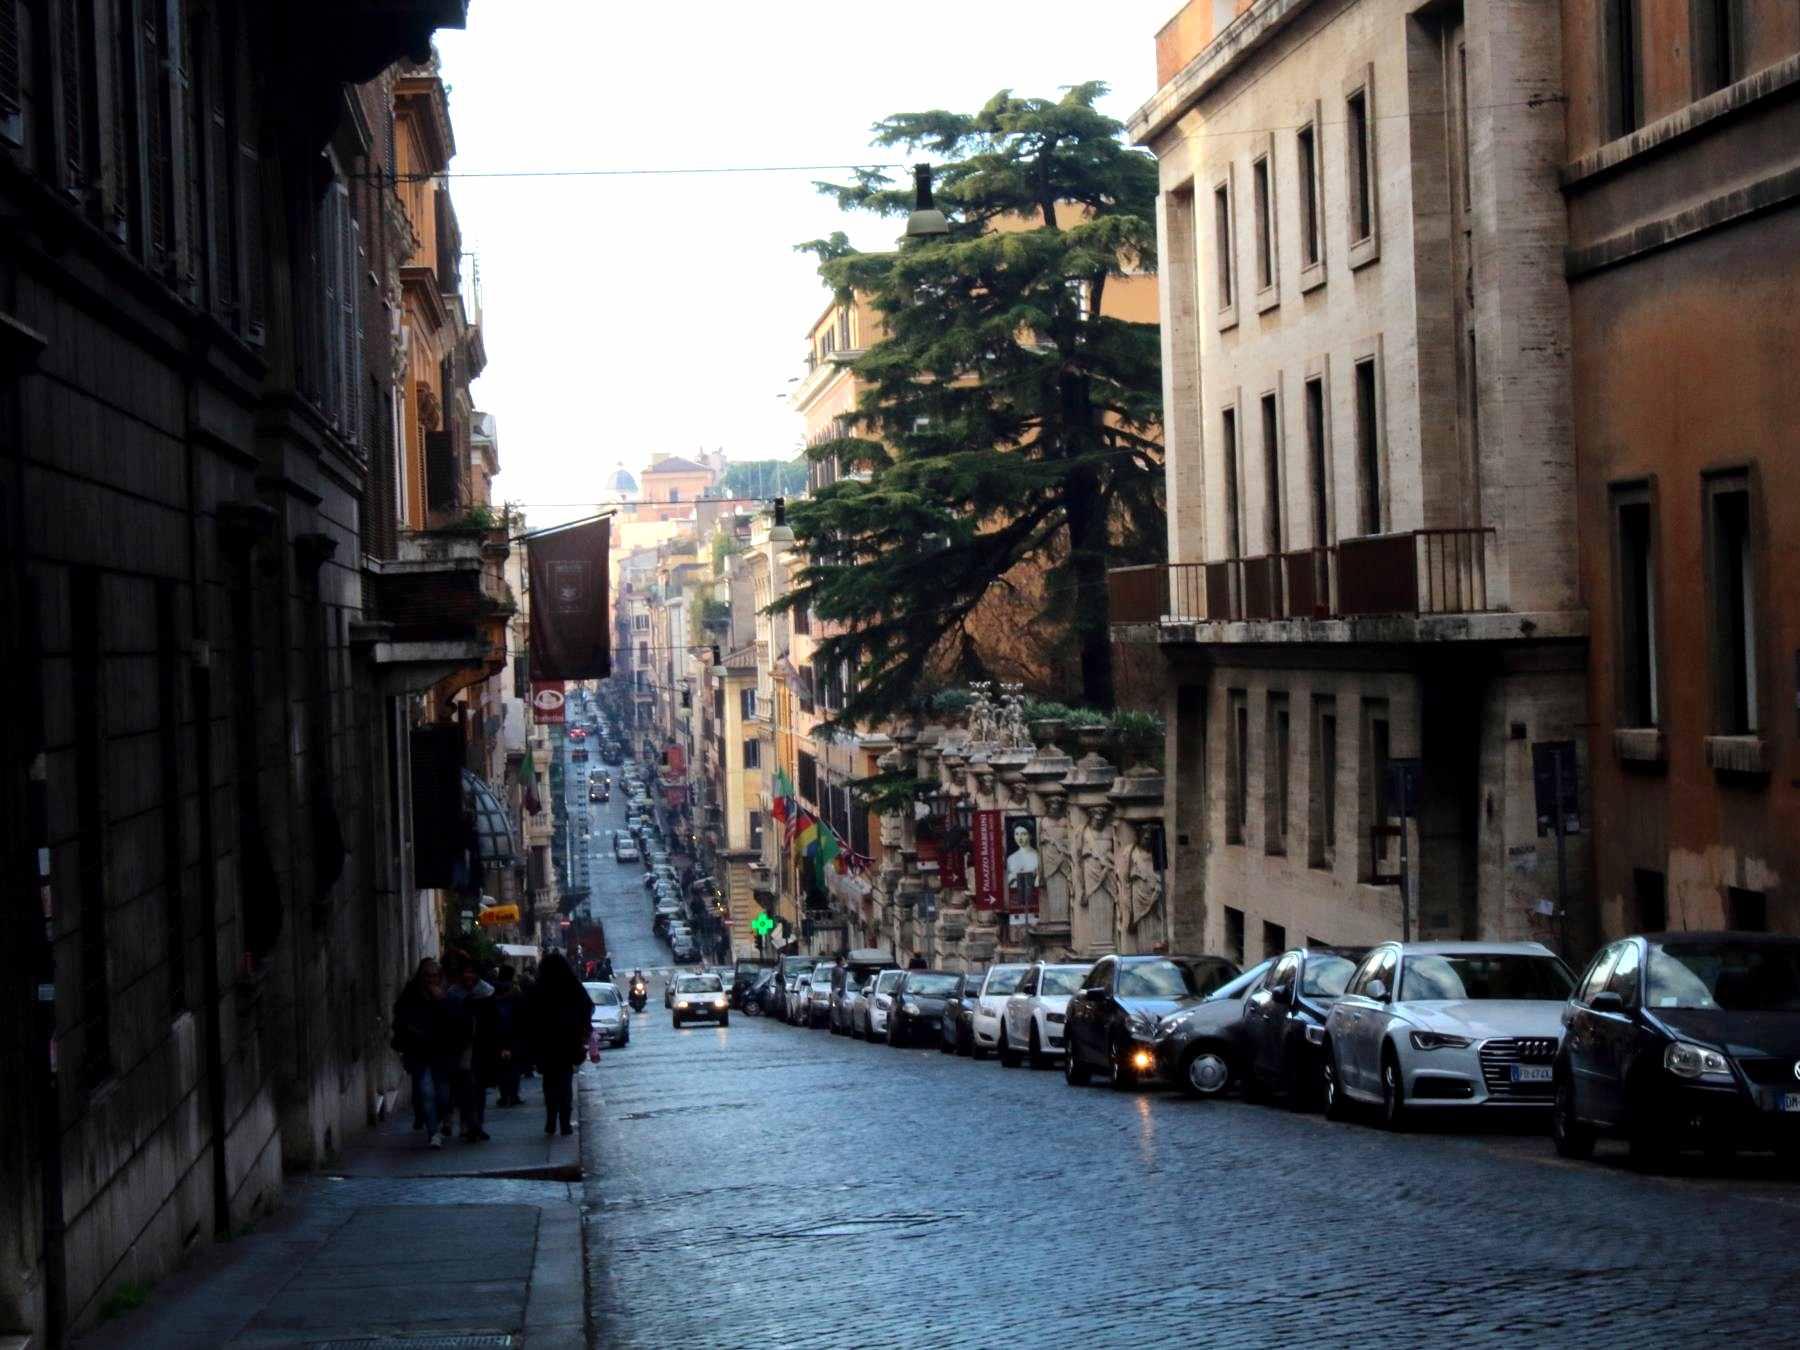 ローマは坂が多い街